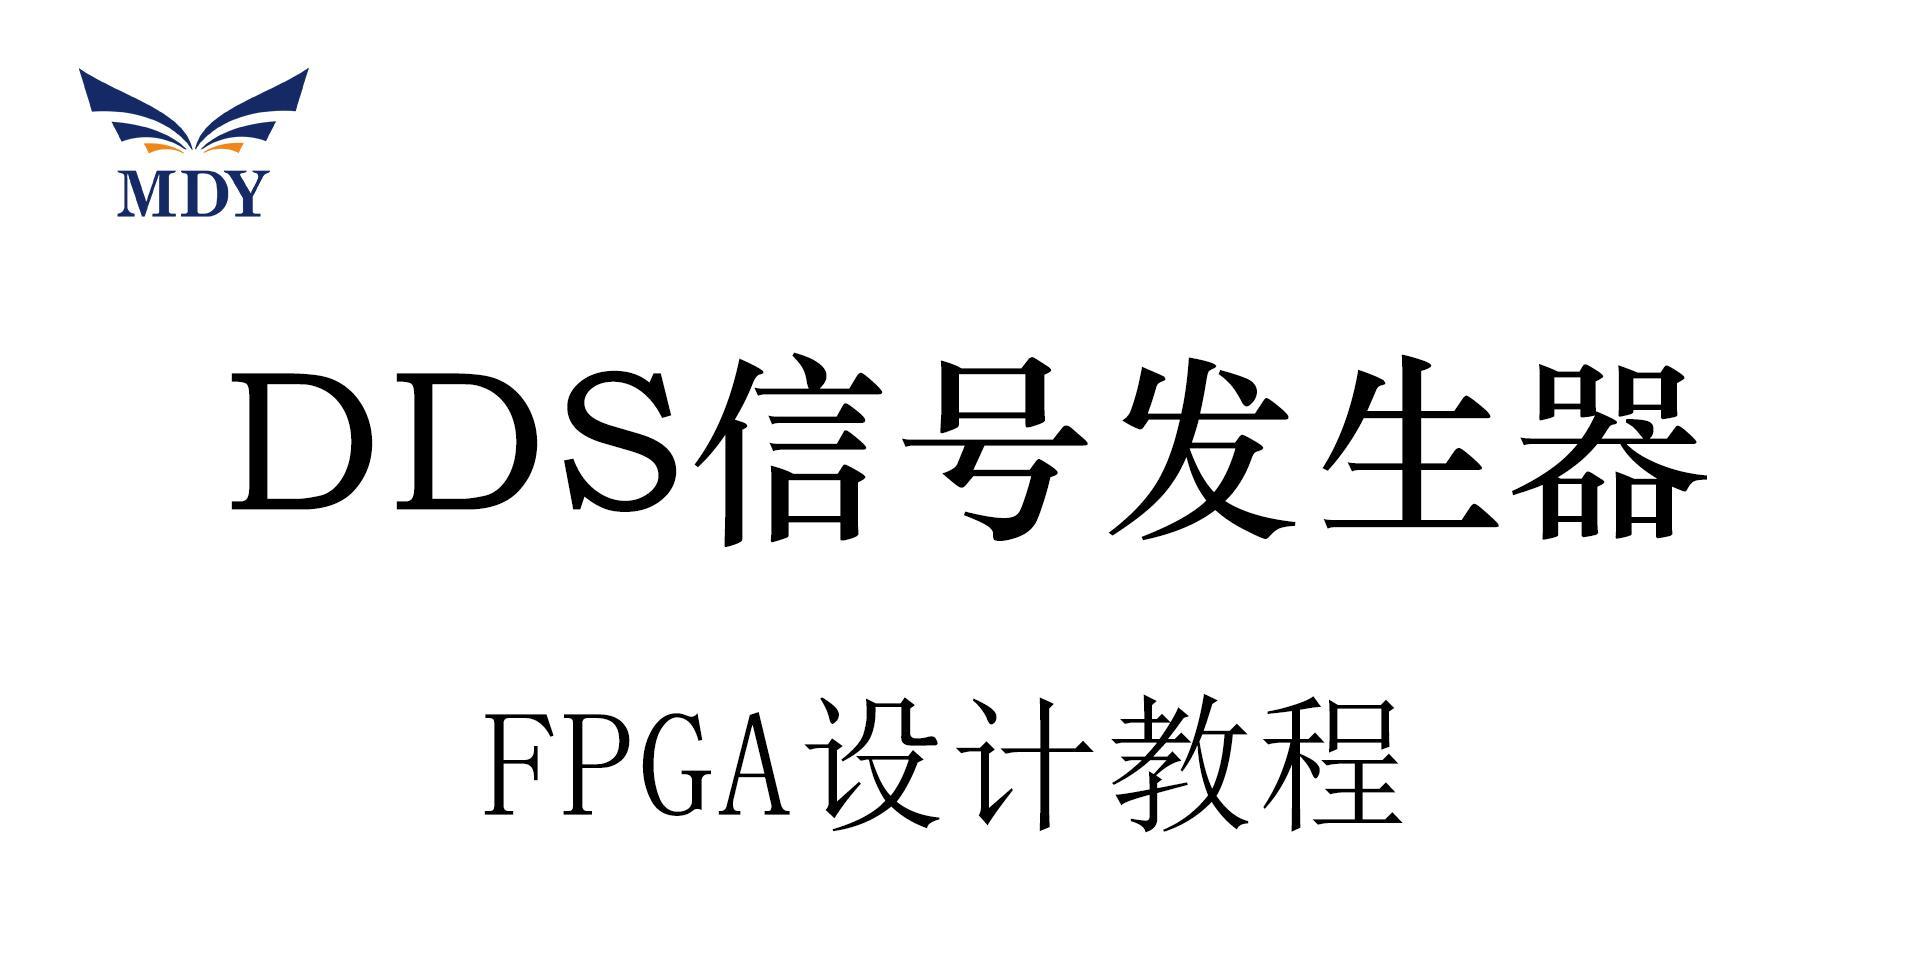 明德揚FPGA教程_DDS信號發生器設計_直播課教學